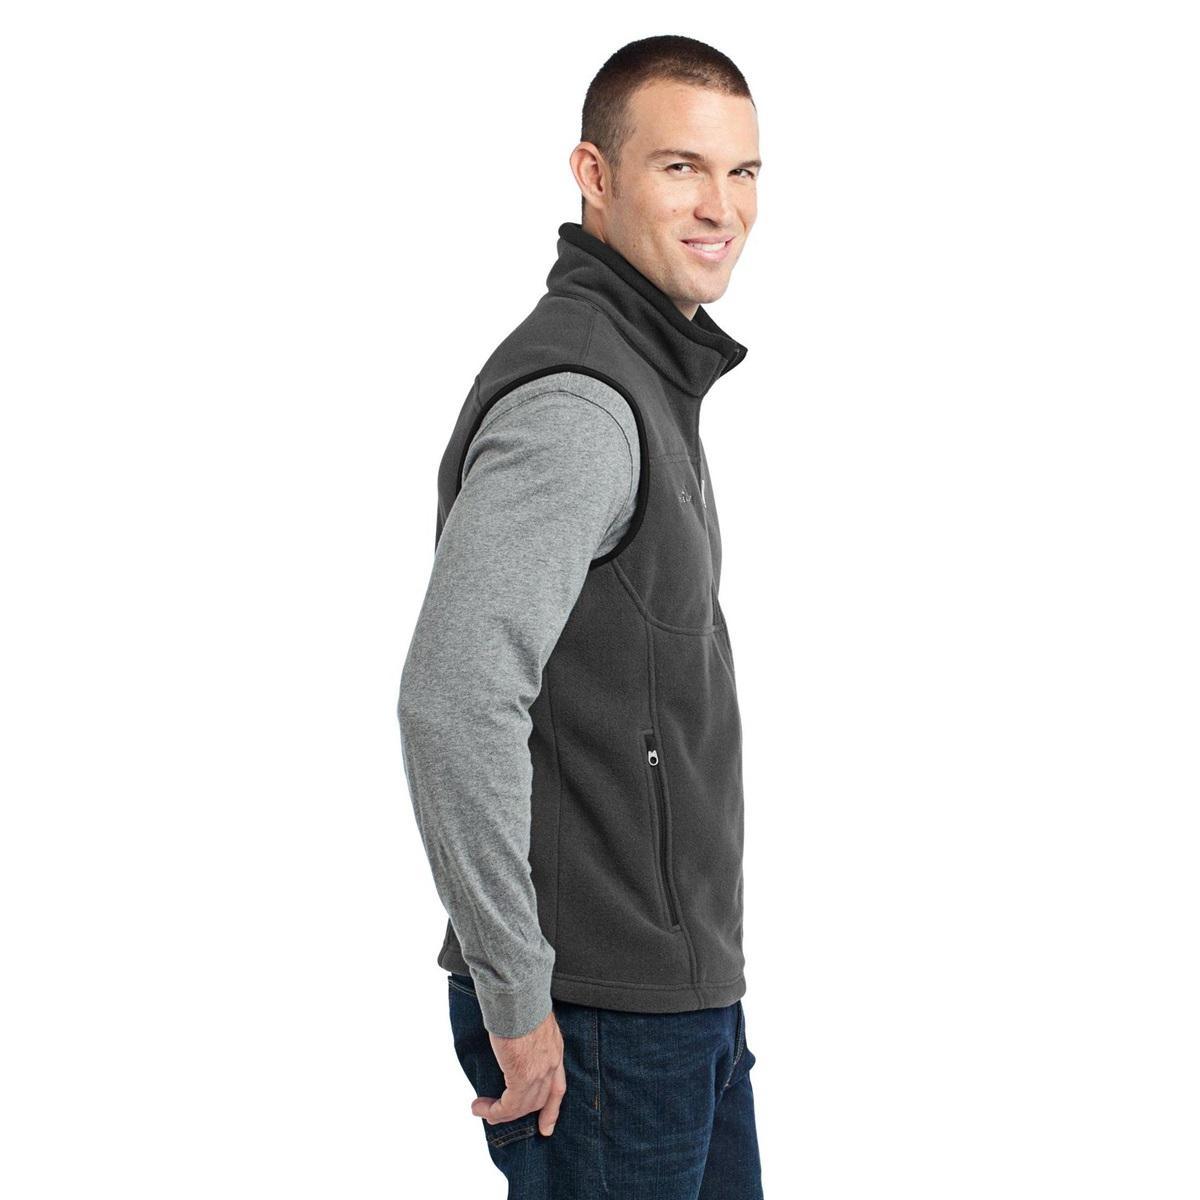 eddie bauer vest fleece grey steel fullsource